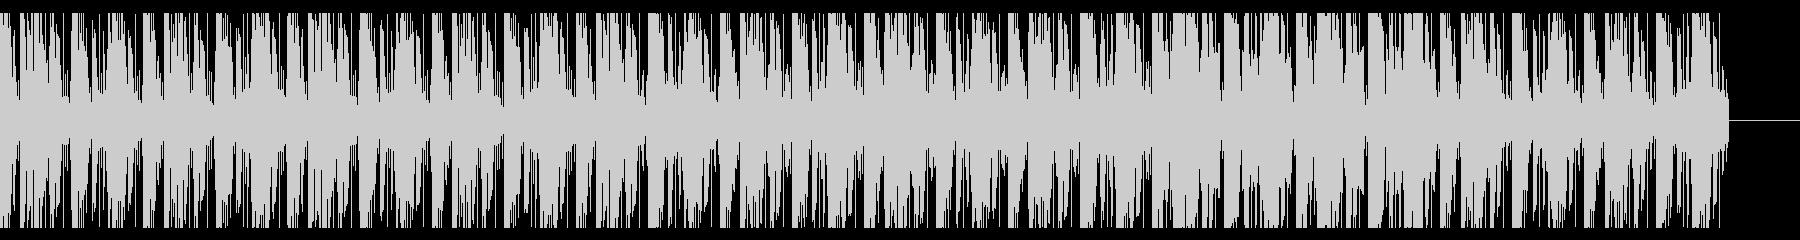 ローファイヒップホップの未再生の波形